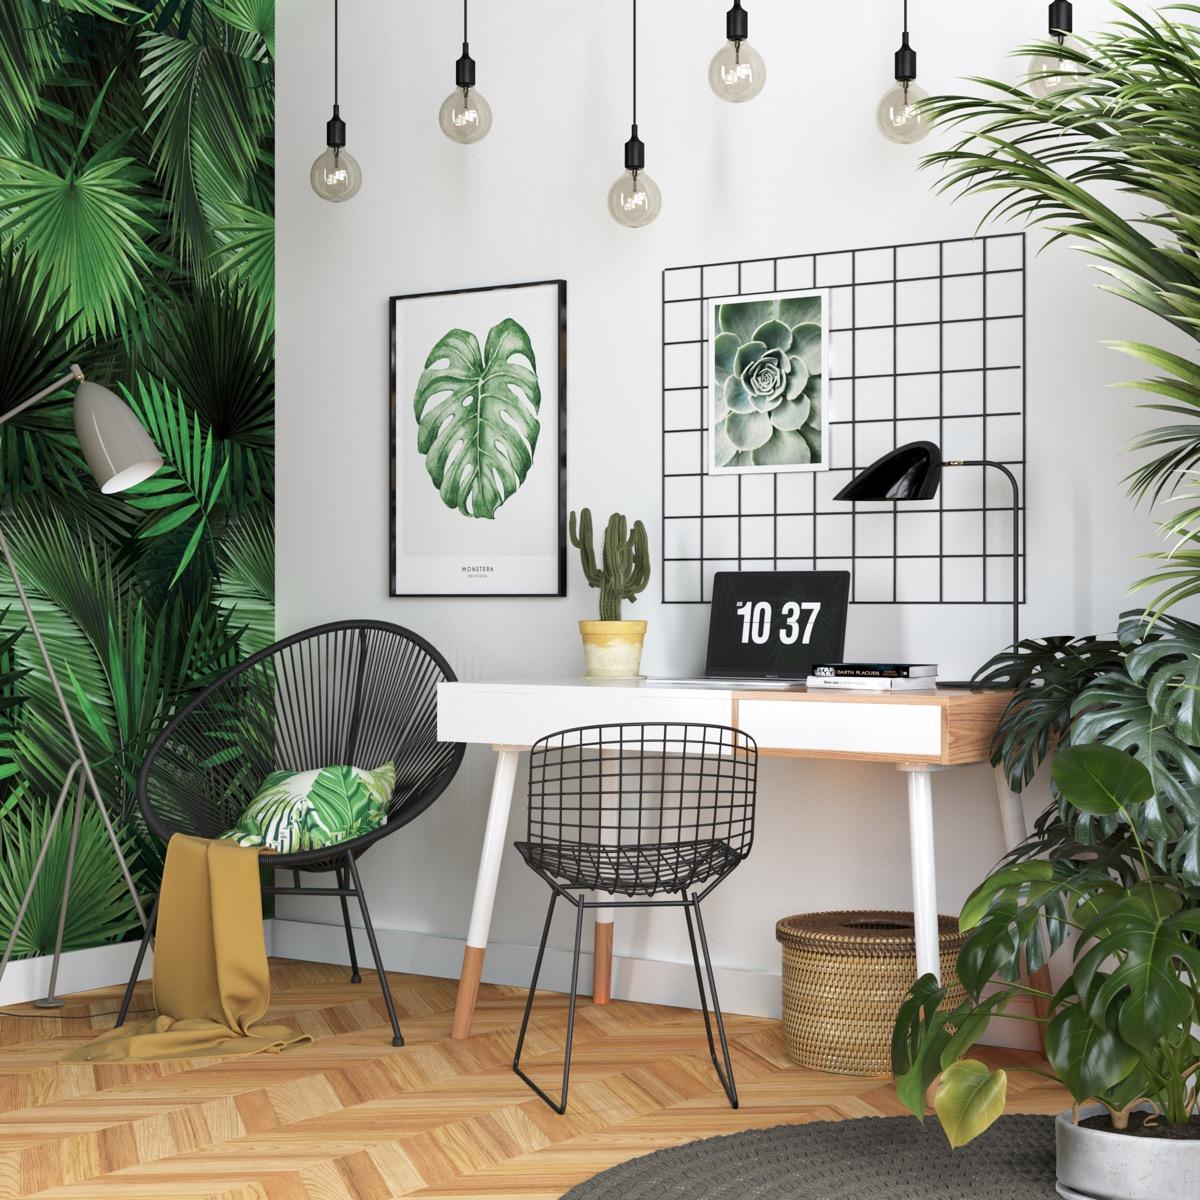 домашний офис в гостиной эко-стиля